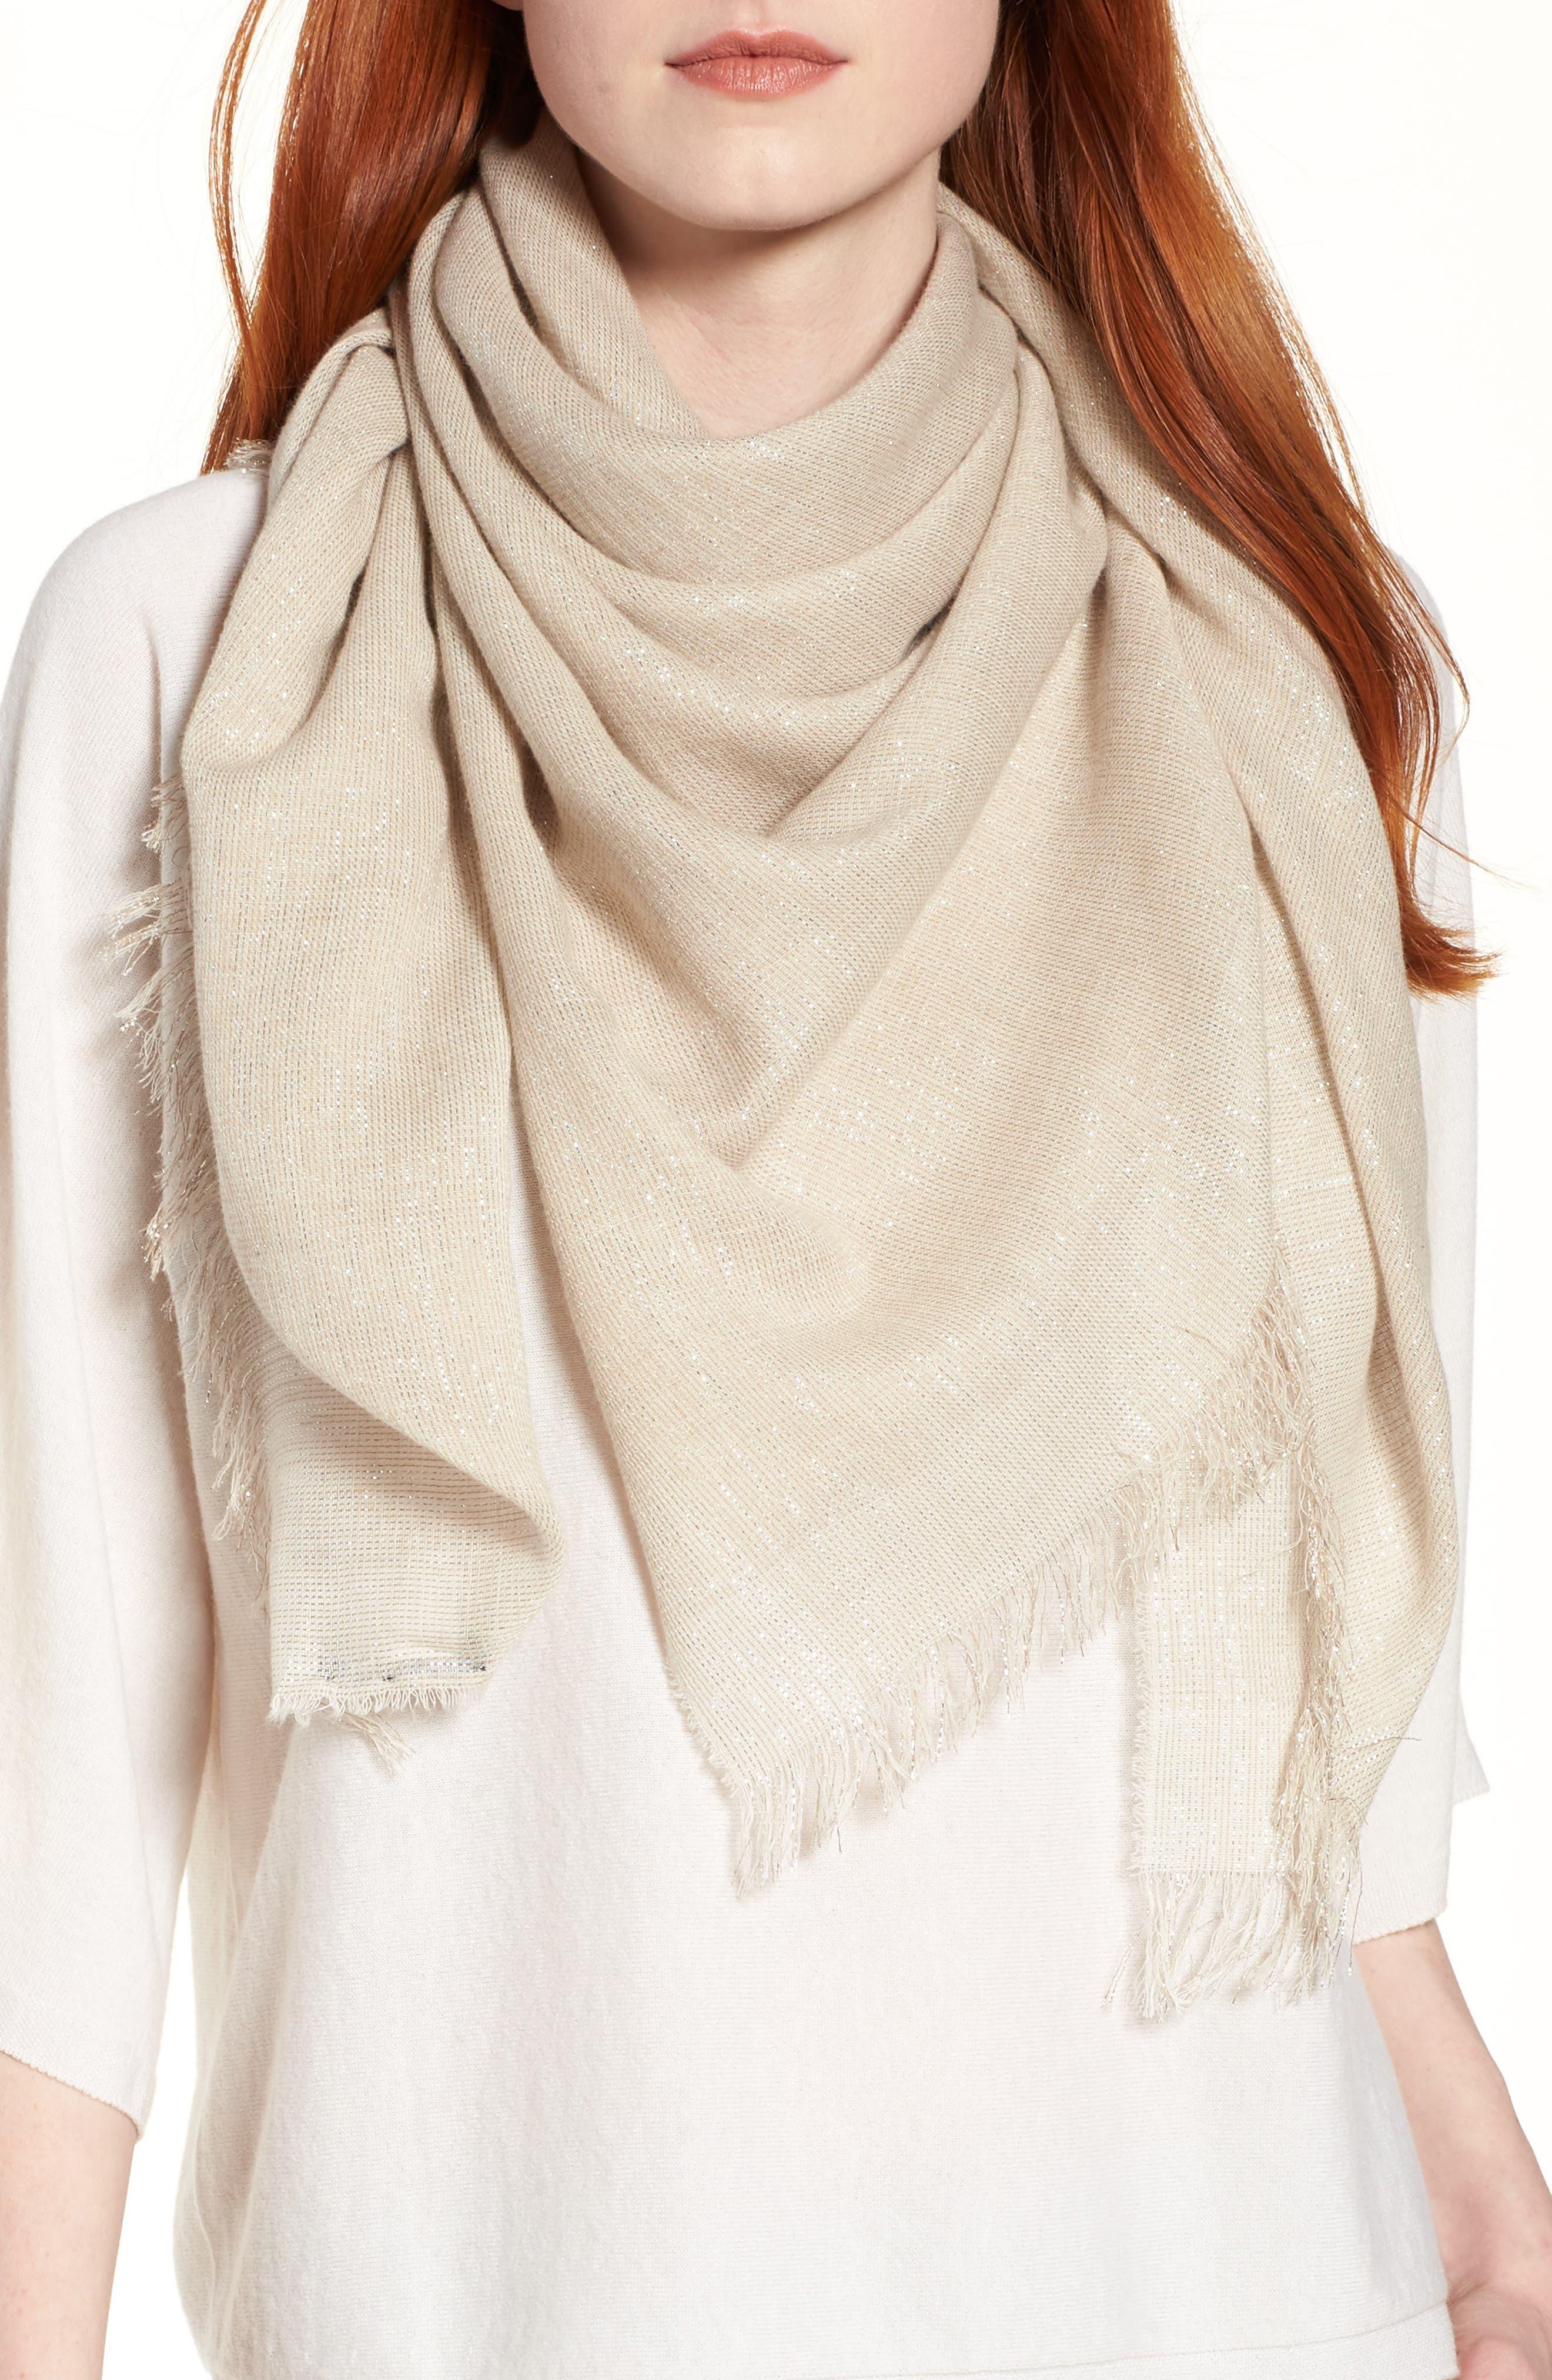 Organic Cotton Blend Wrap,                         Main,                         color, Natural